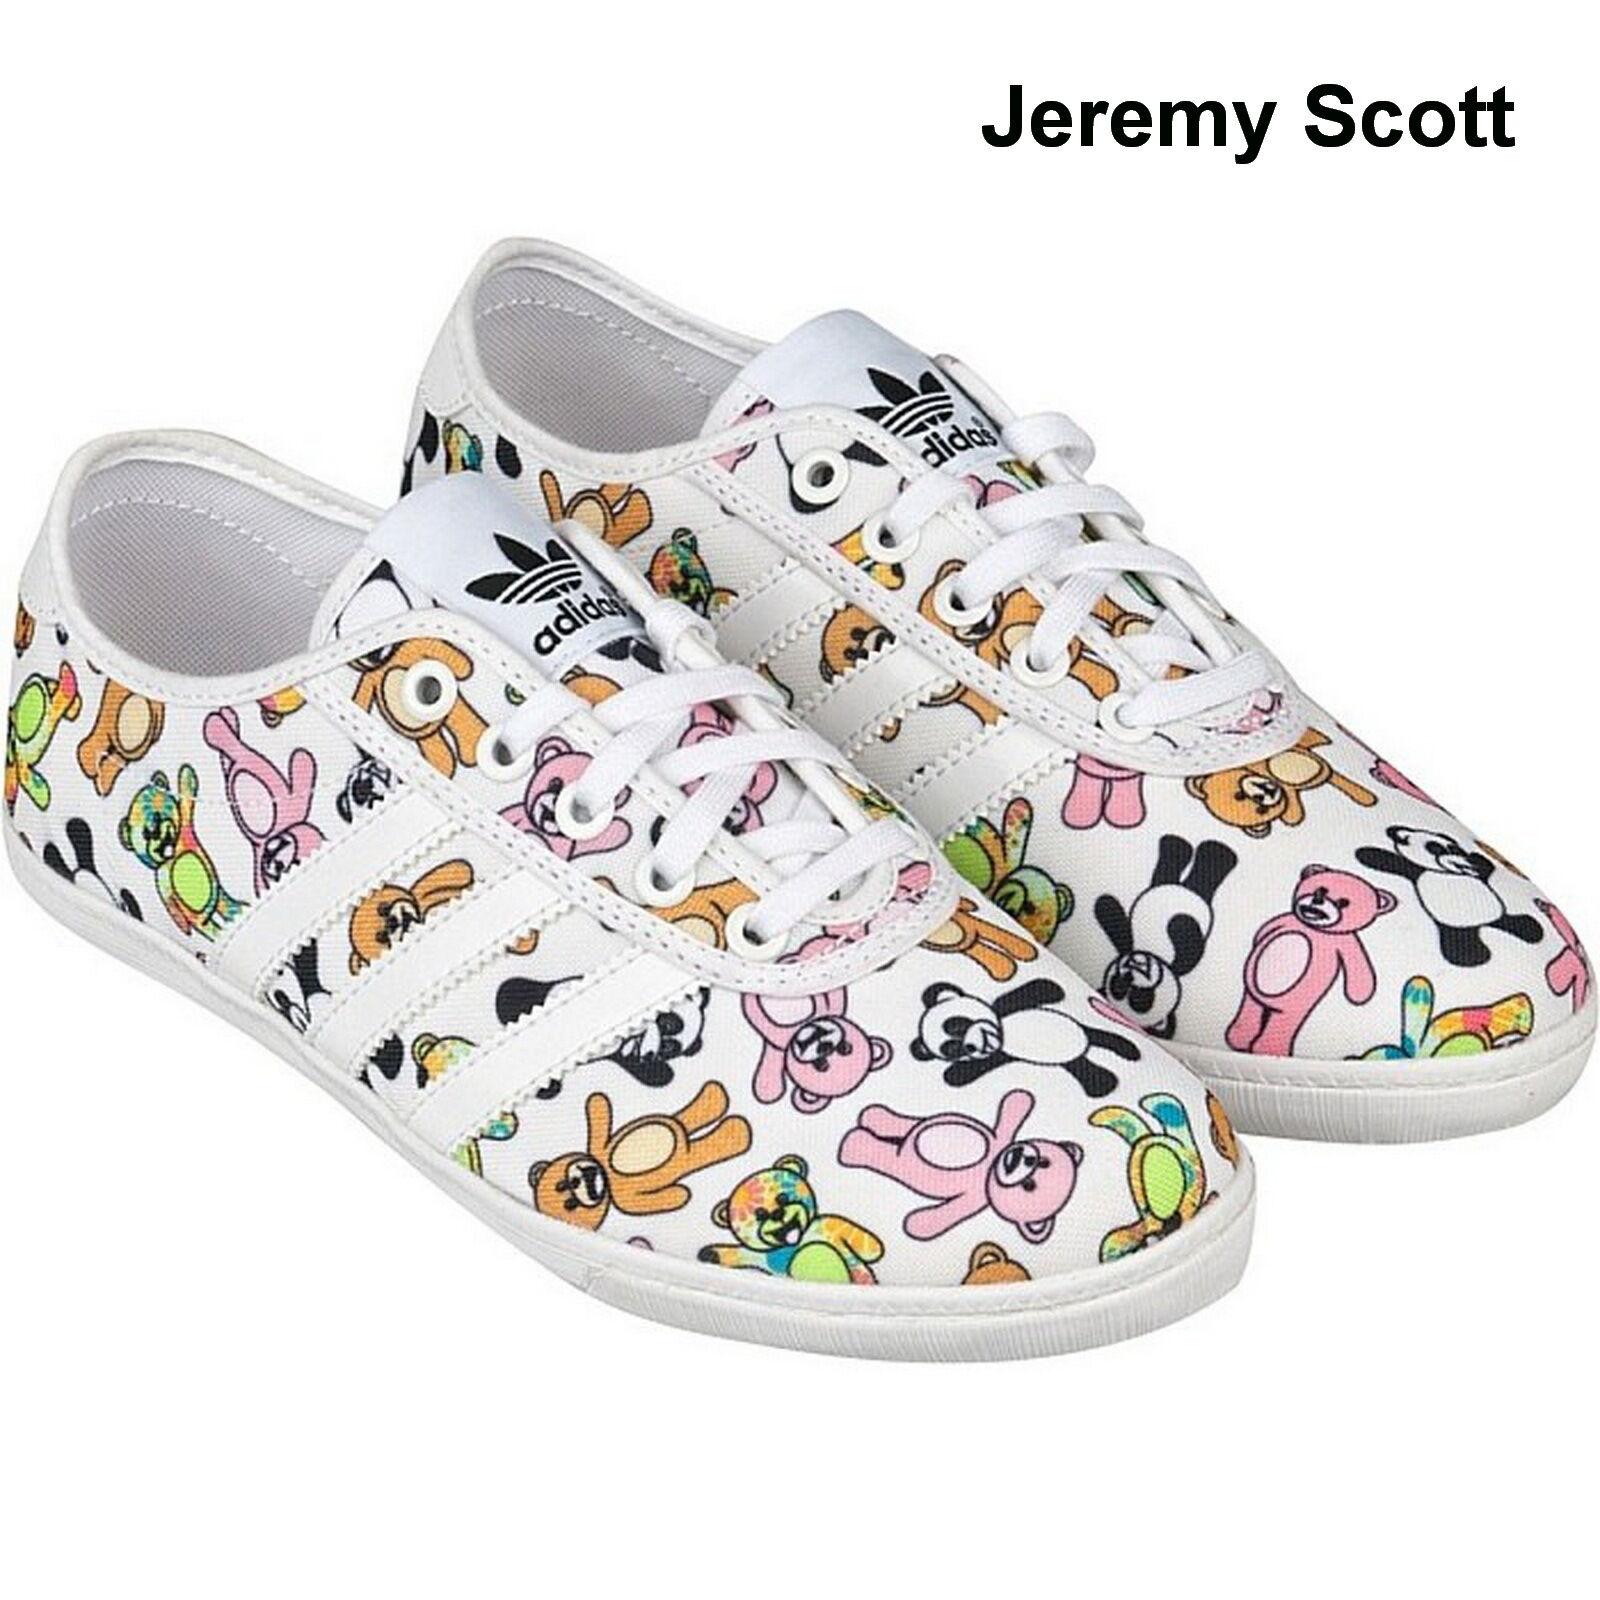 Adidas Jeremy Scott P-Sole Originals Q23665 Casual wild